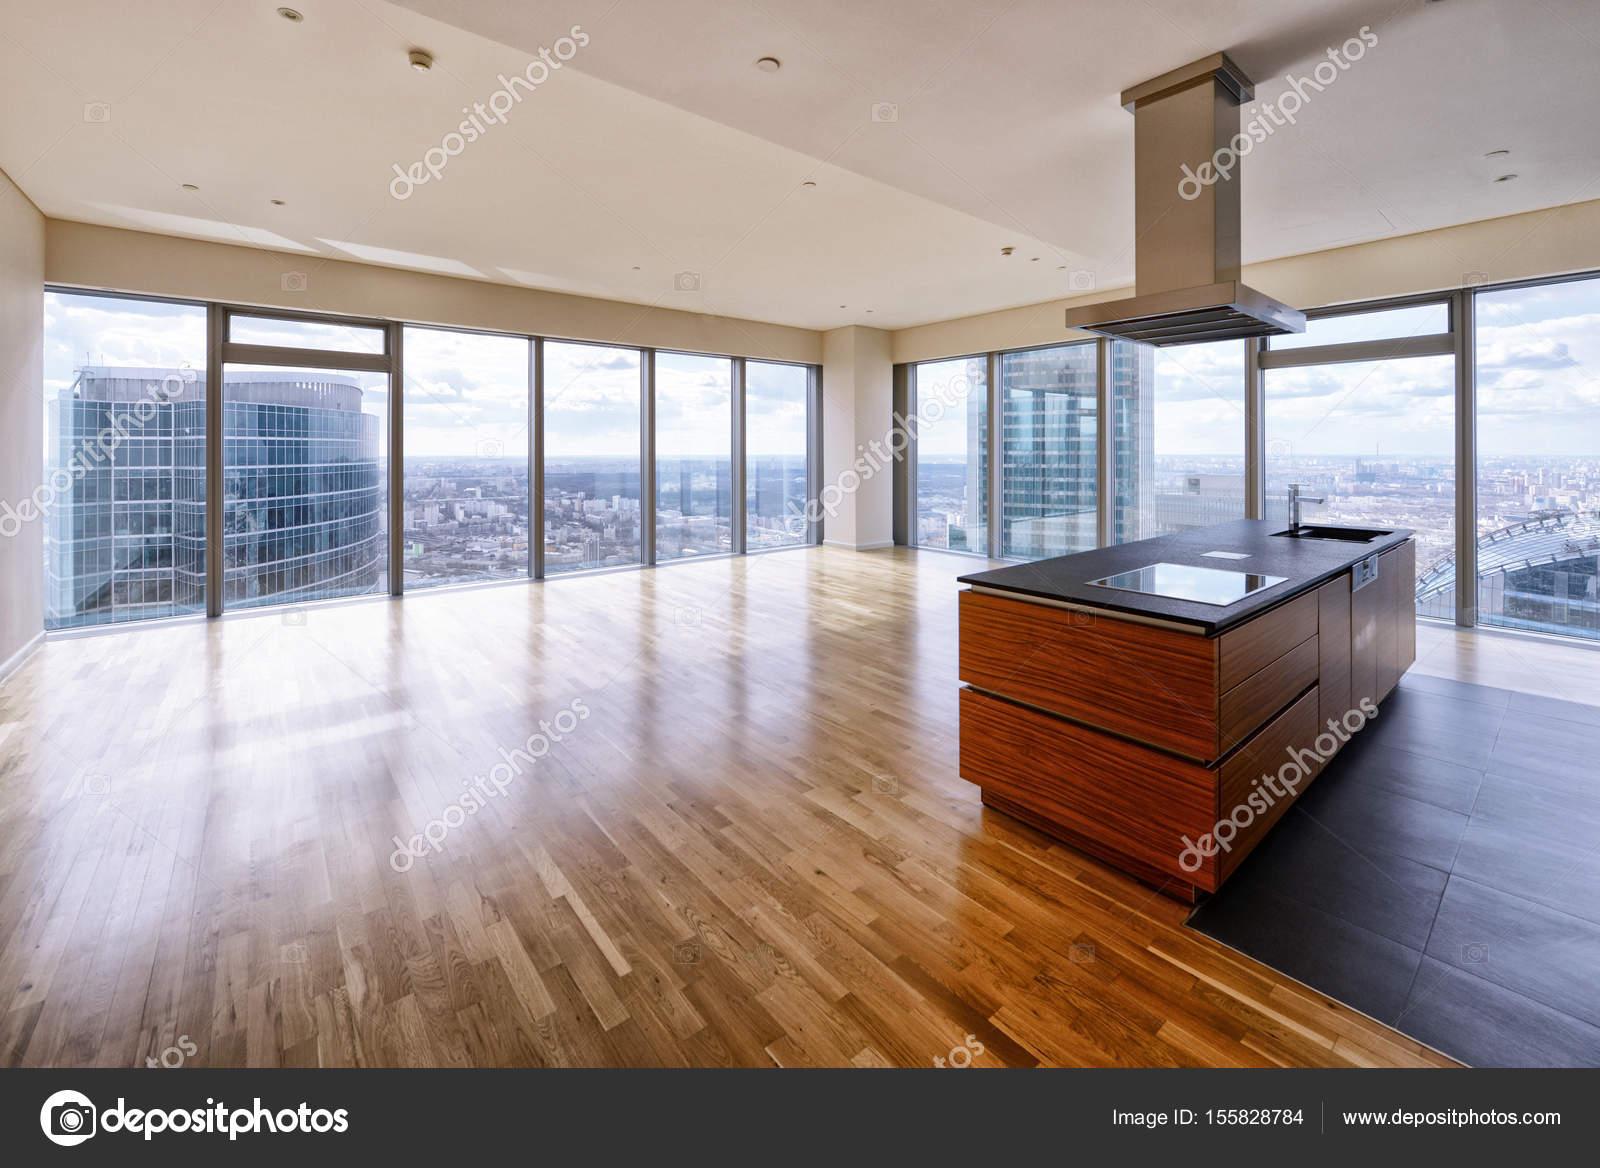 Interni moderni in una nuova casa di lusso con vetrate for Case di lusso interni foto